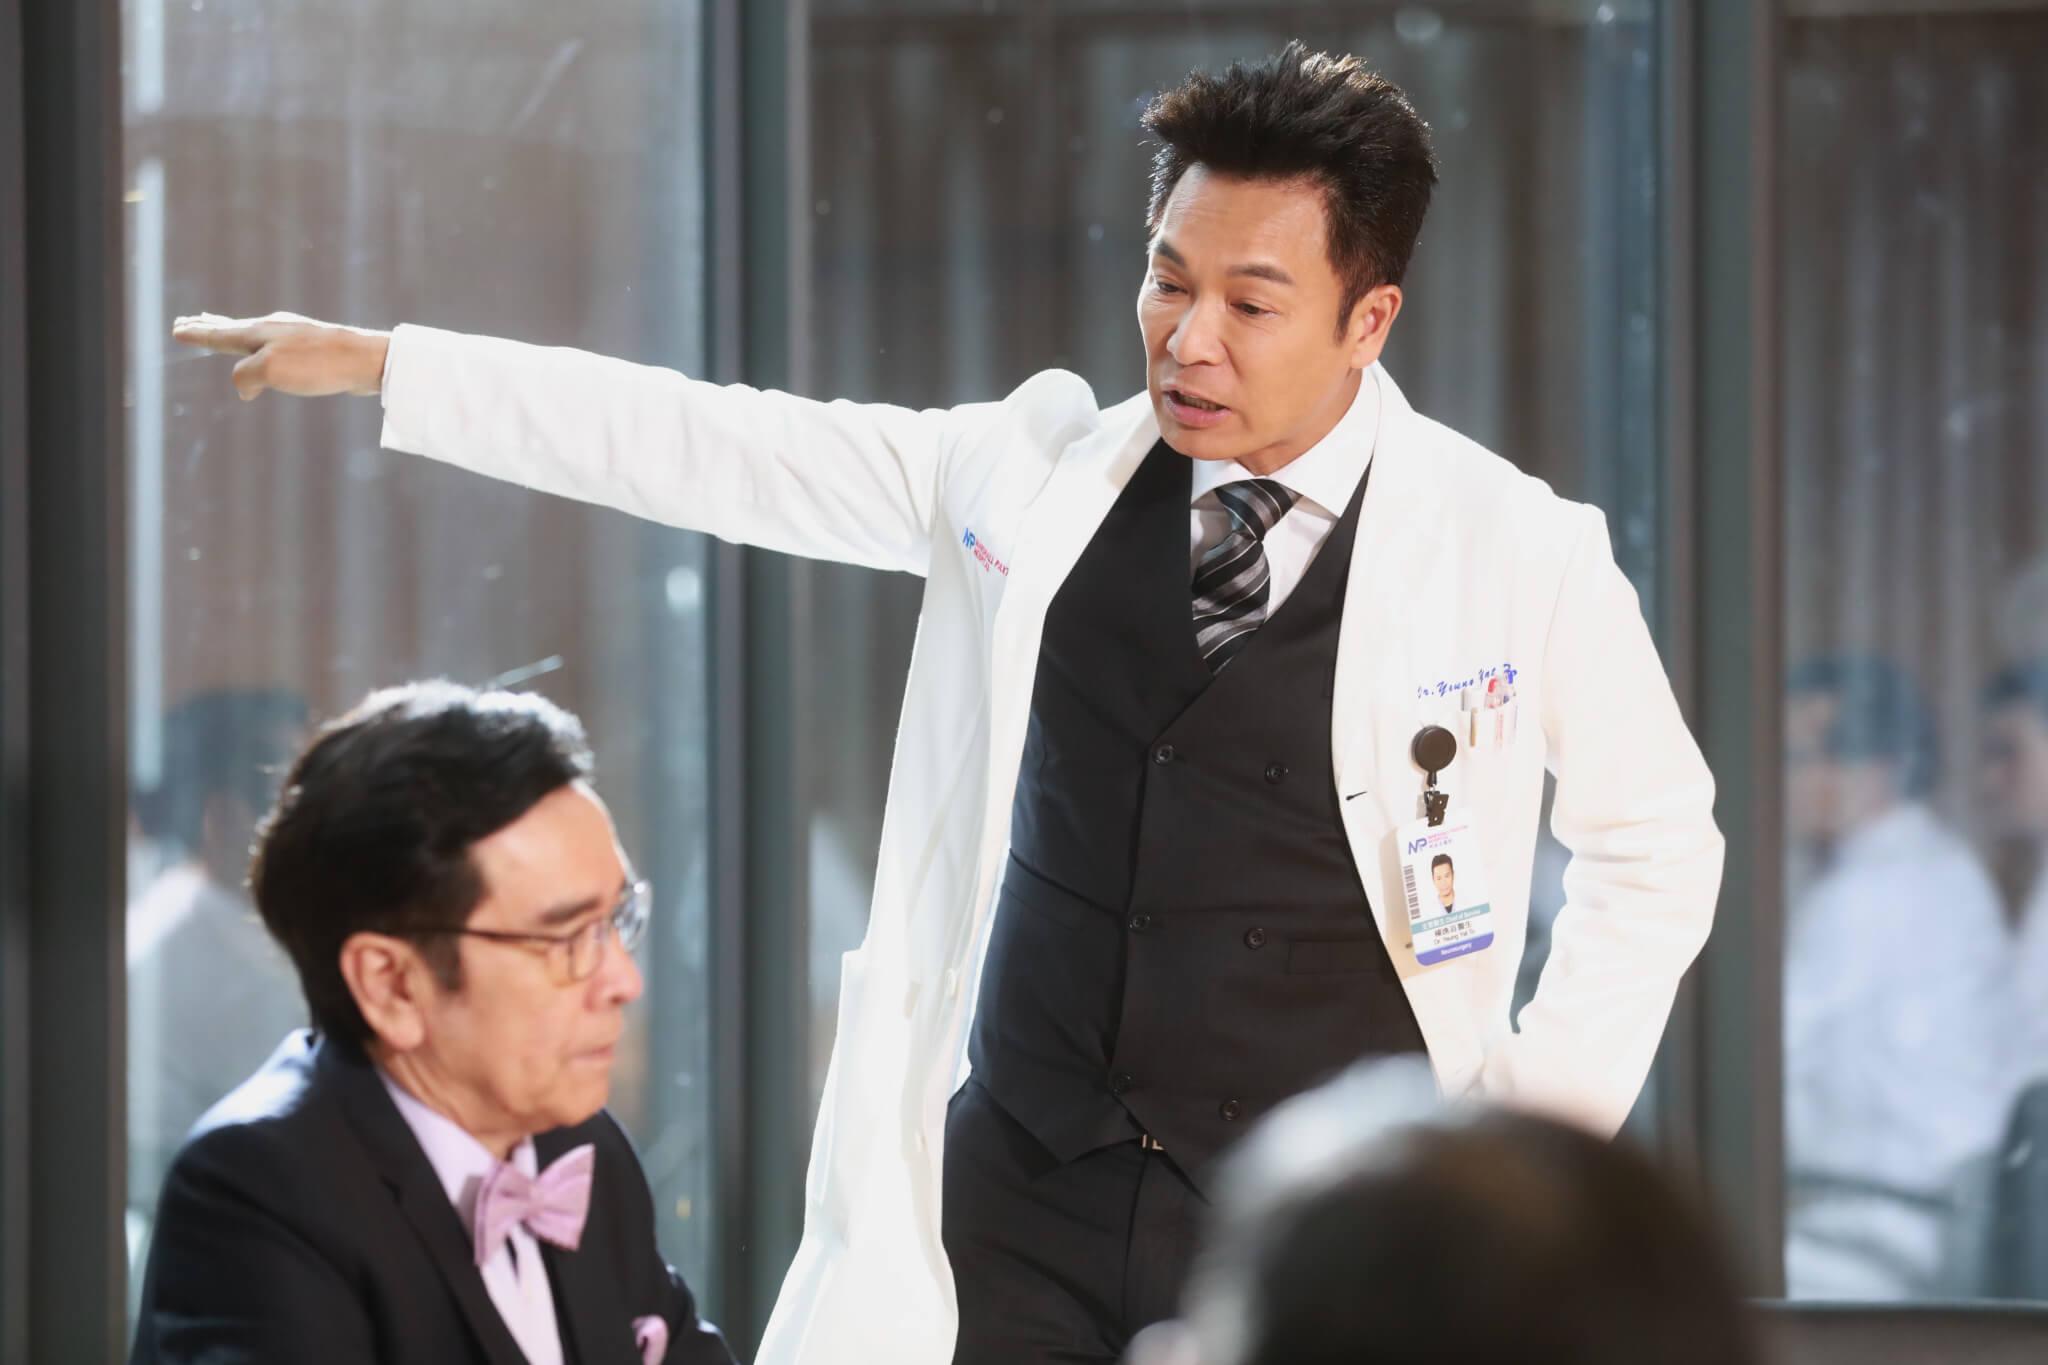 安仔在新劇《白色強人》中是一名腦科醫生兼副院長,與姜大衞大鬥演技。